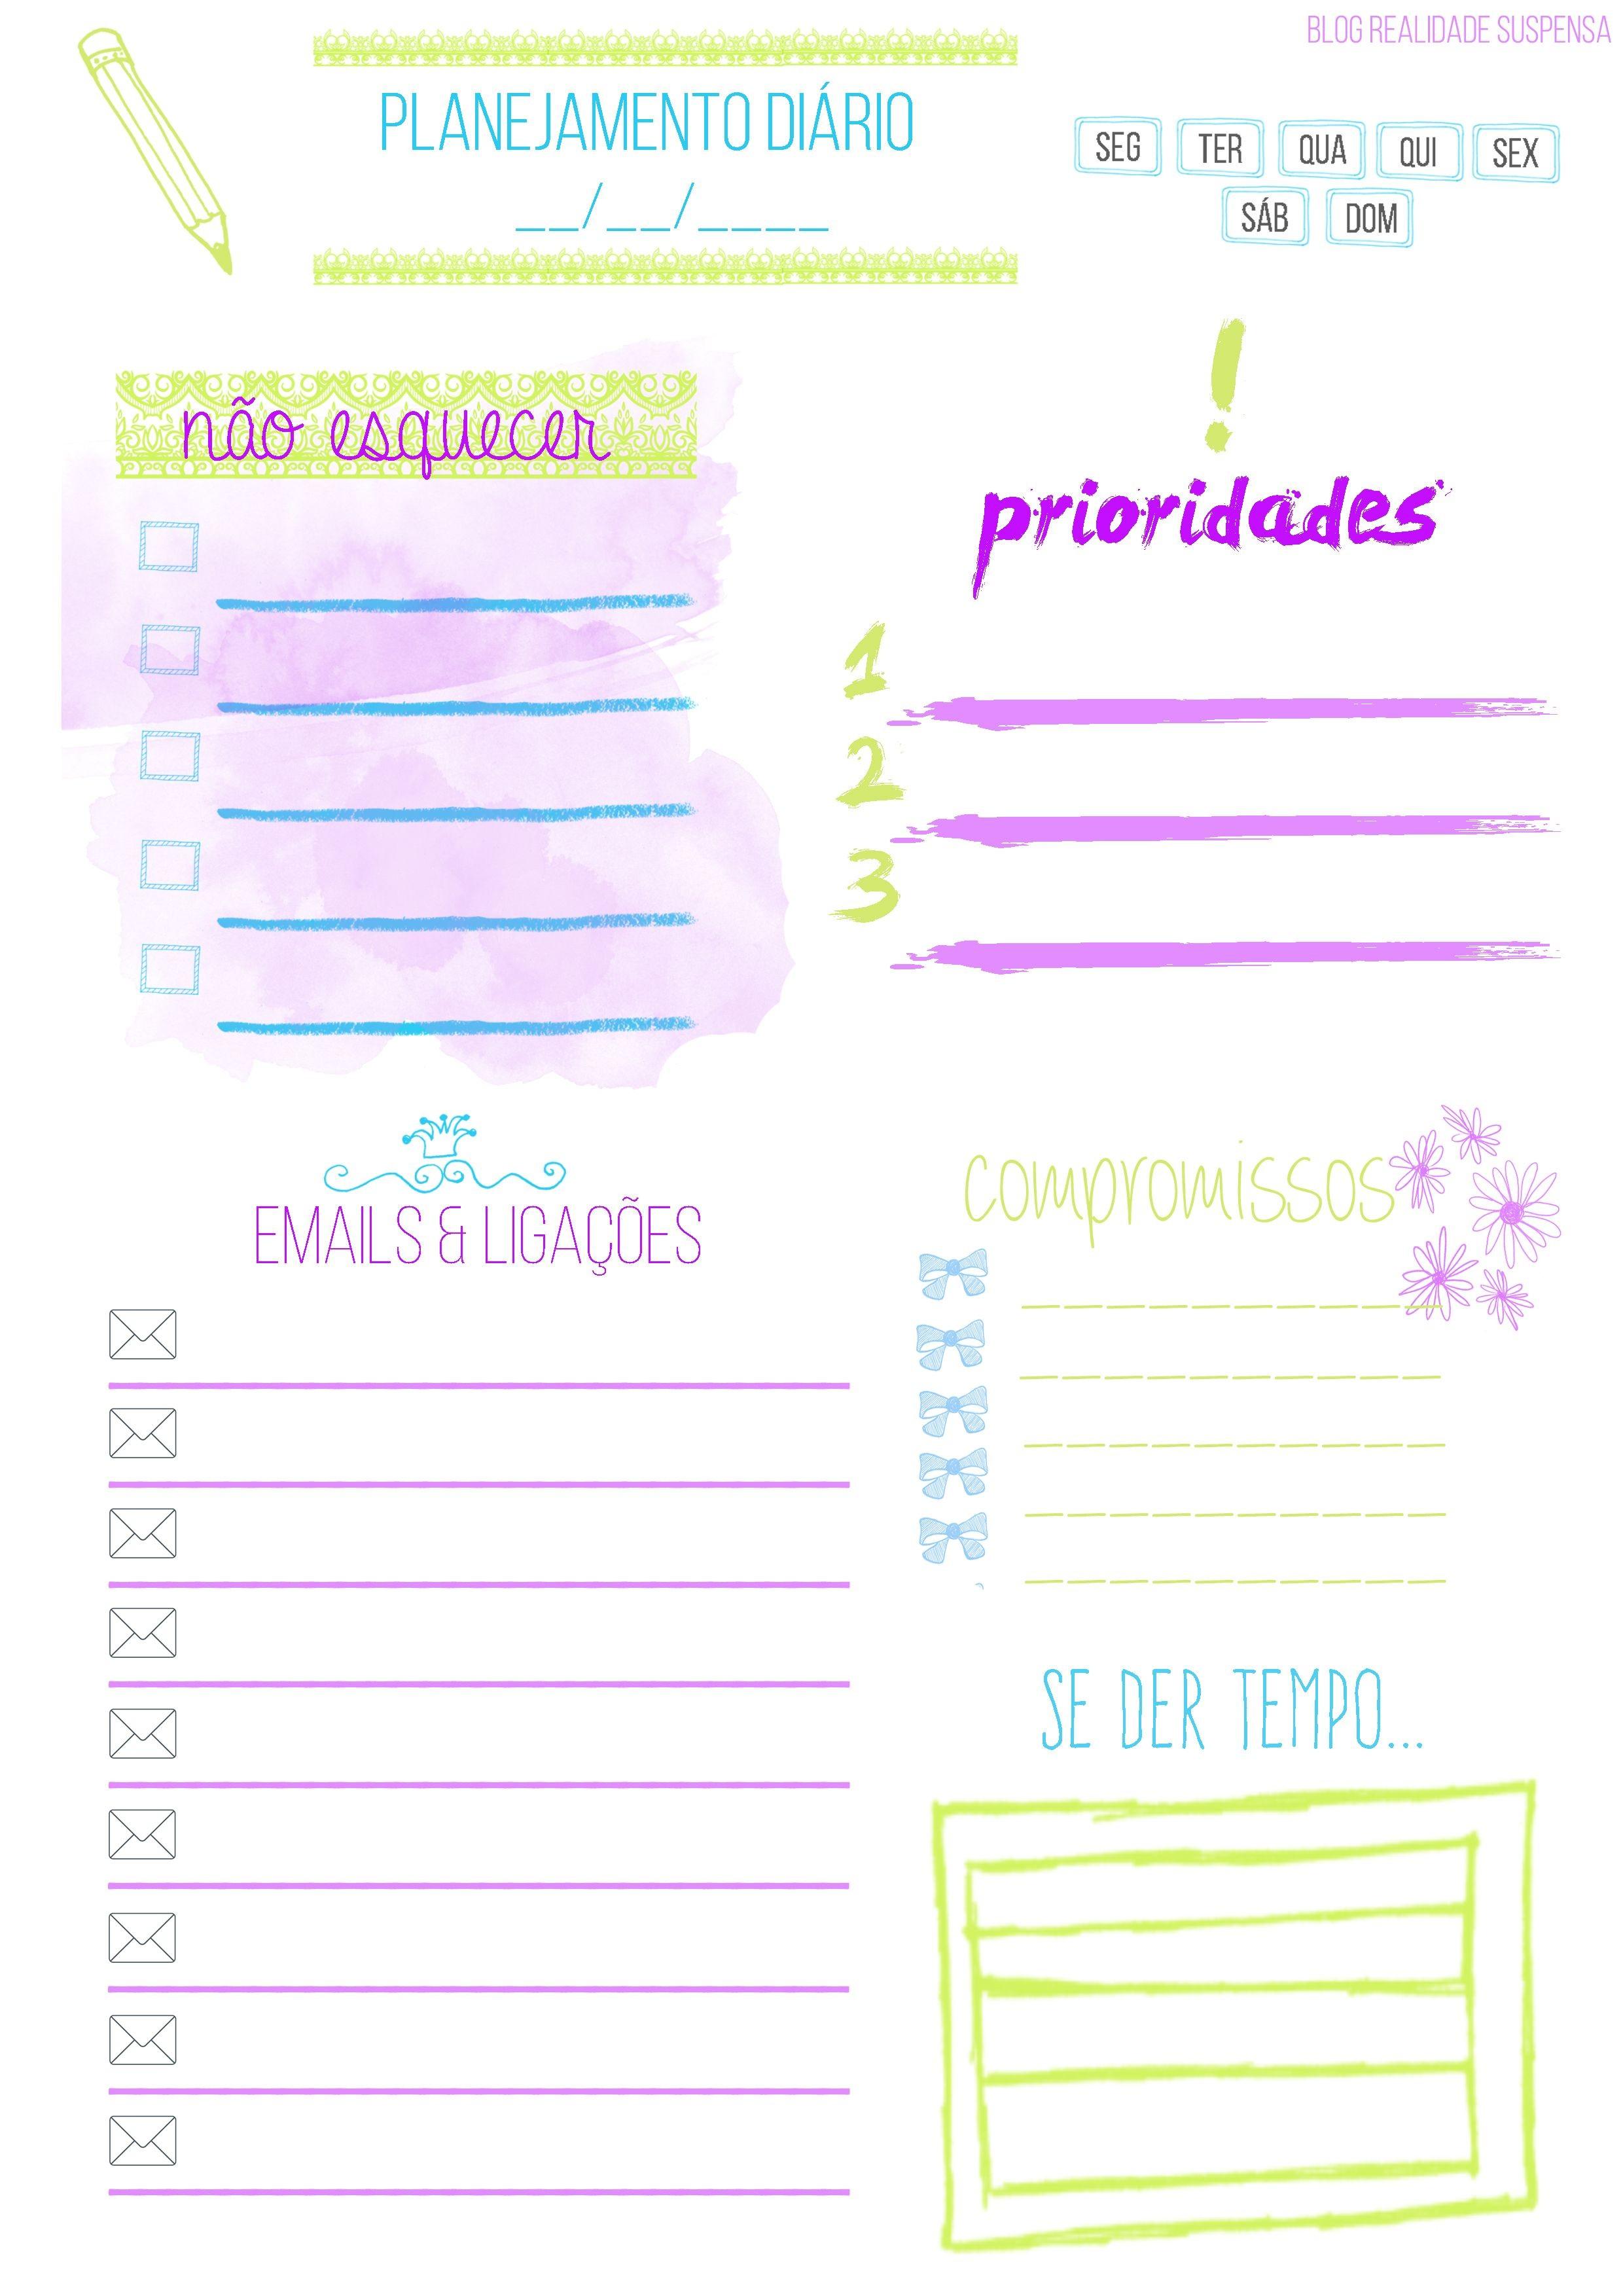 Imprimir · Organizar · Organiza§£o de planejamento diário feita por mim para impress£o A4 Planer Diario Agenda Calendario